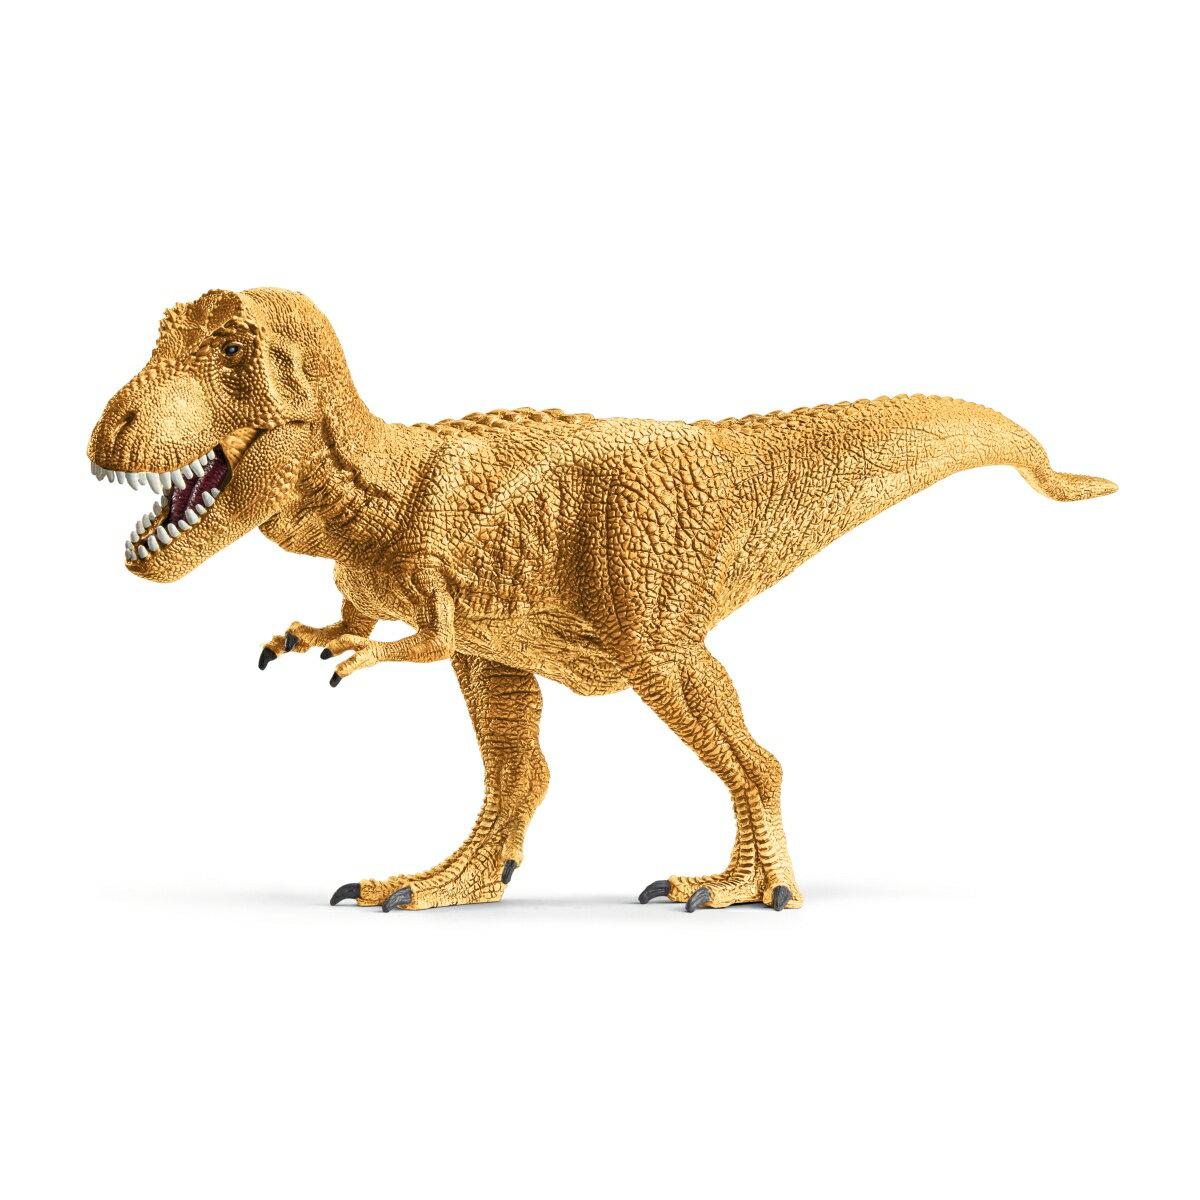 72122 ティラノサウルス・レックス(ゴールド) 【シュライヒ】 DINOSAURS/恐竜